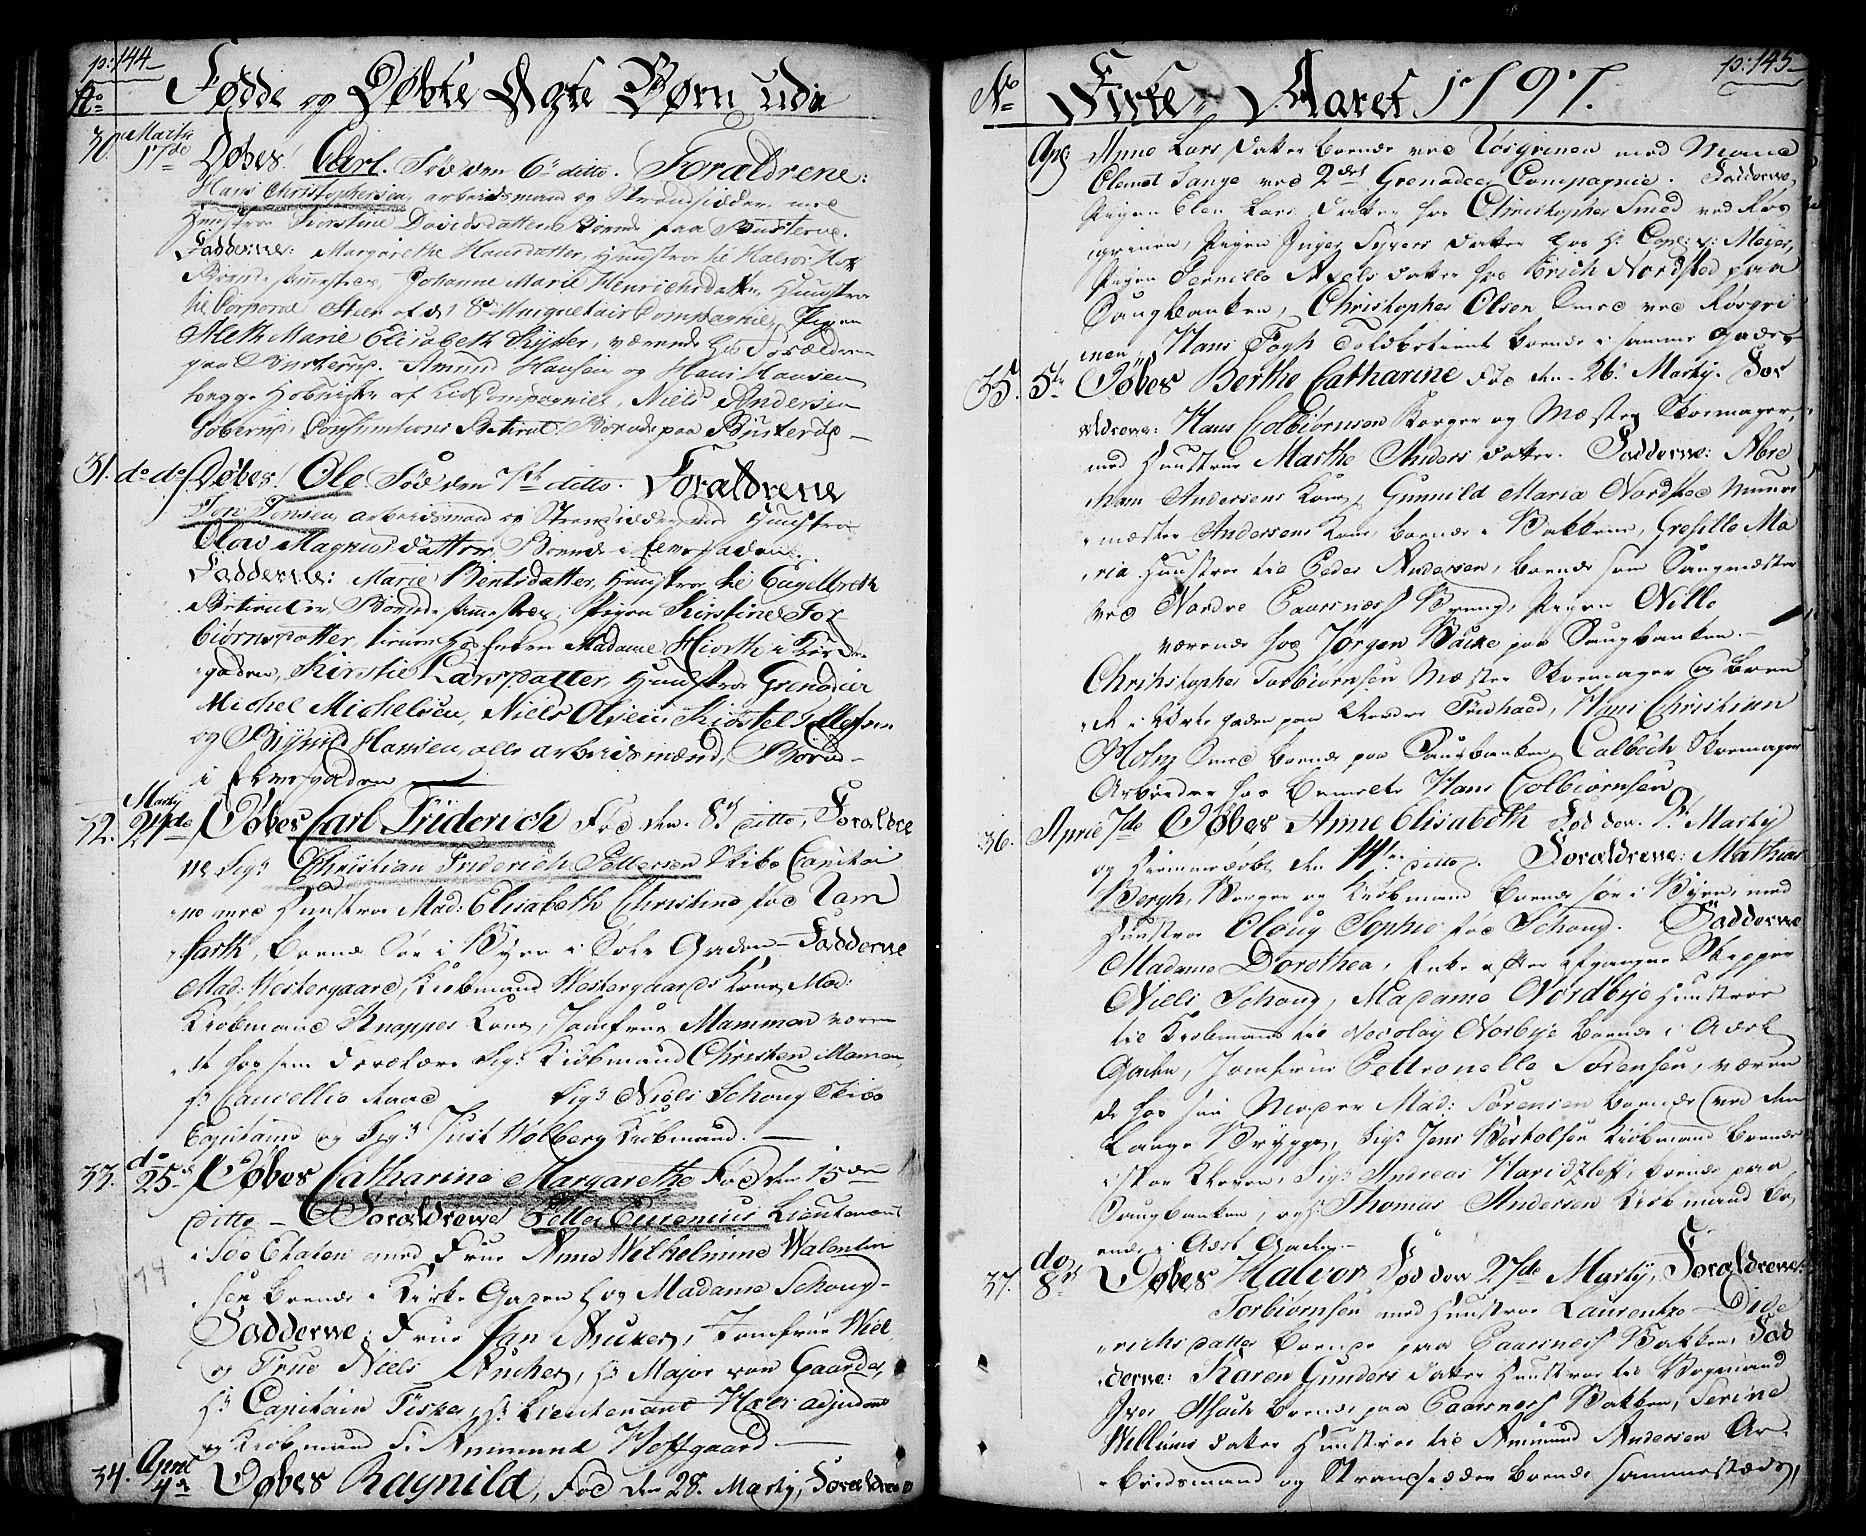 SAO, Halden prestekontor Kirkebøker, F/Fa/L0002: Ministerialbok nr. I 2, 1792-1812, s. 144-145